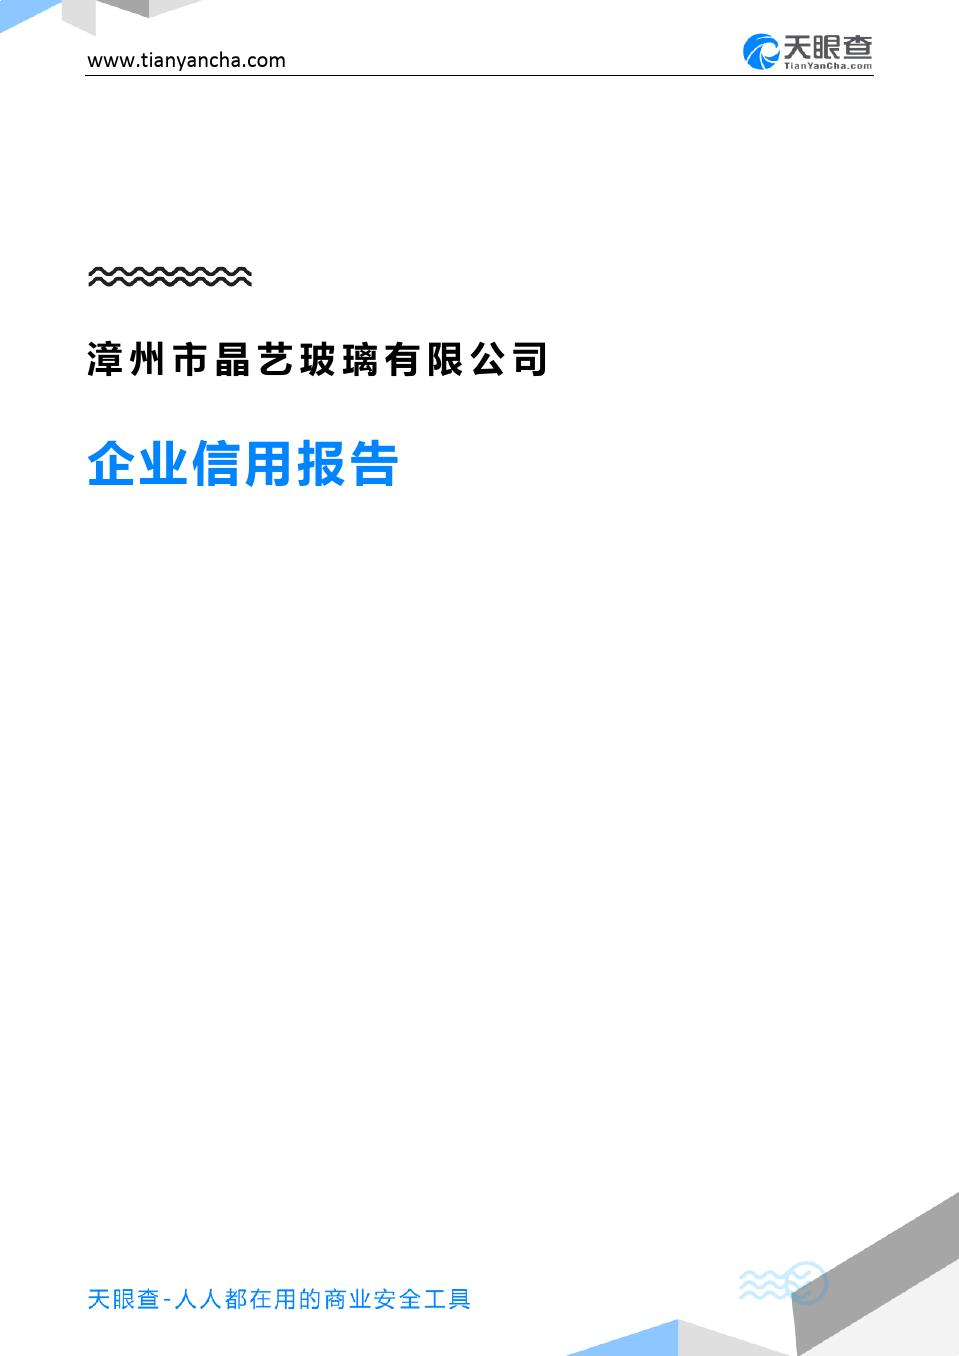 漳州市晶艺玻璃有限公司(企业信用报告)- 天眼查